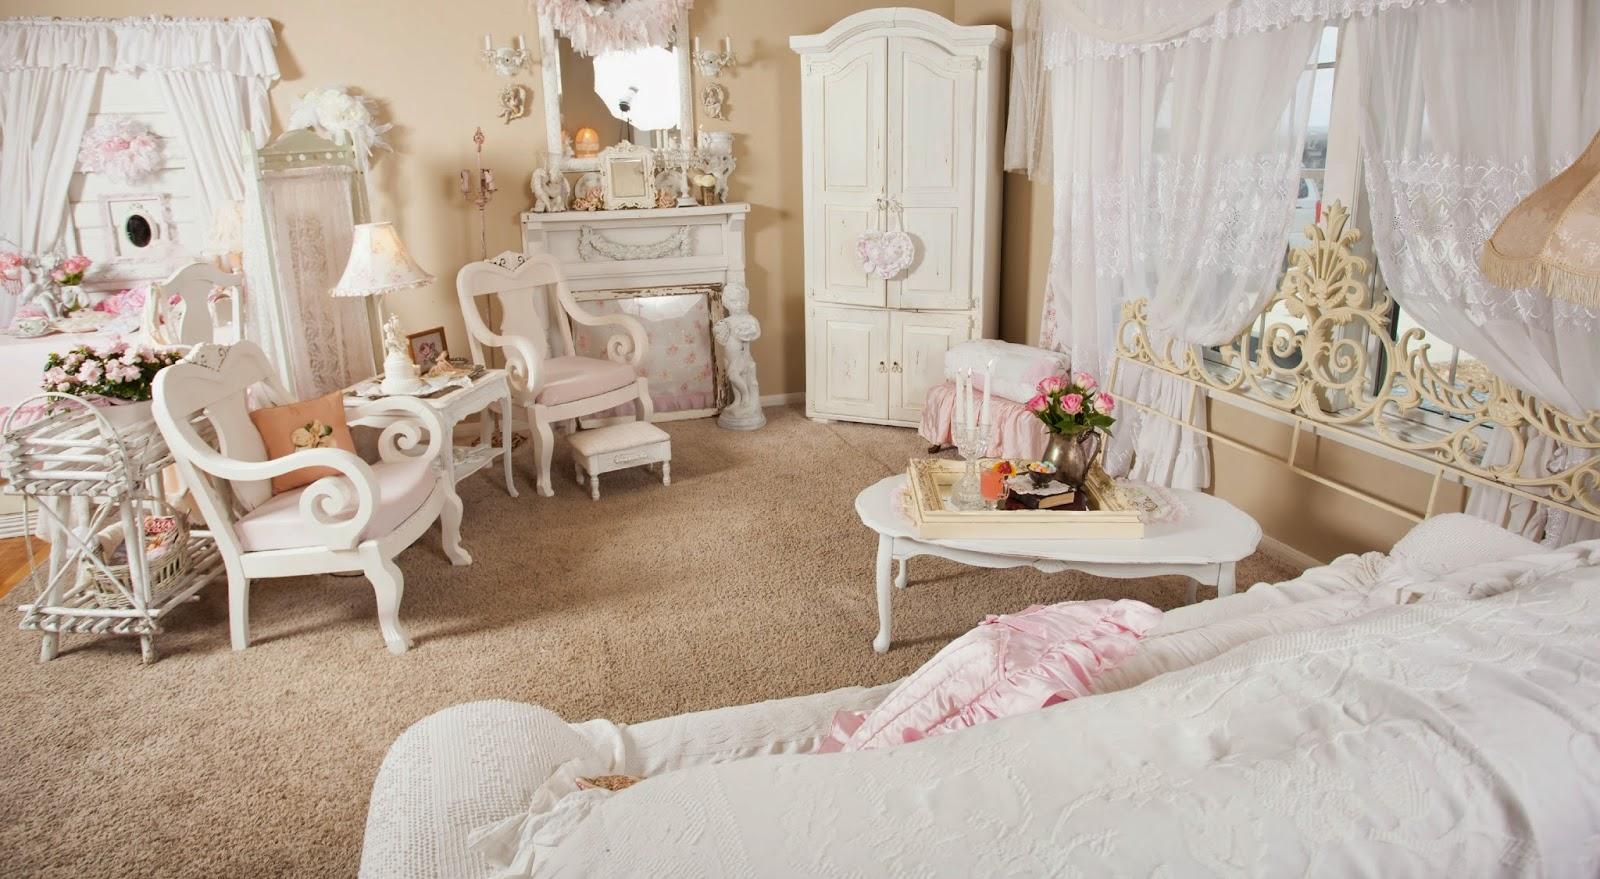 Бежево-белая уютная гостиная в стиле шебби-шик